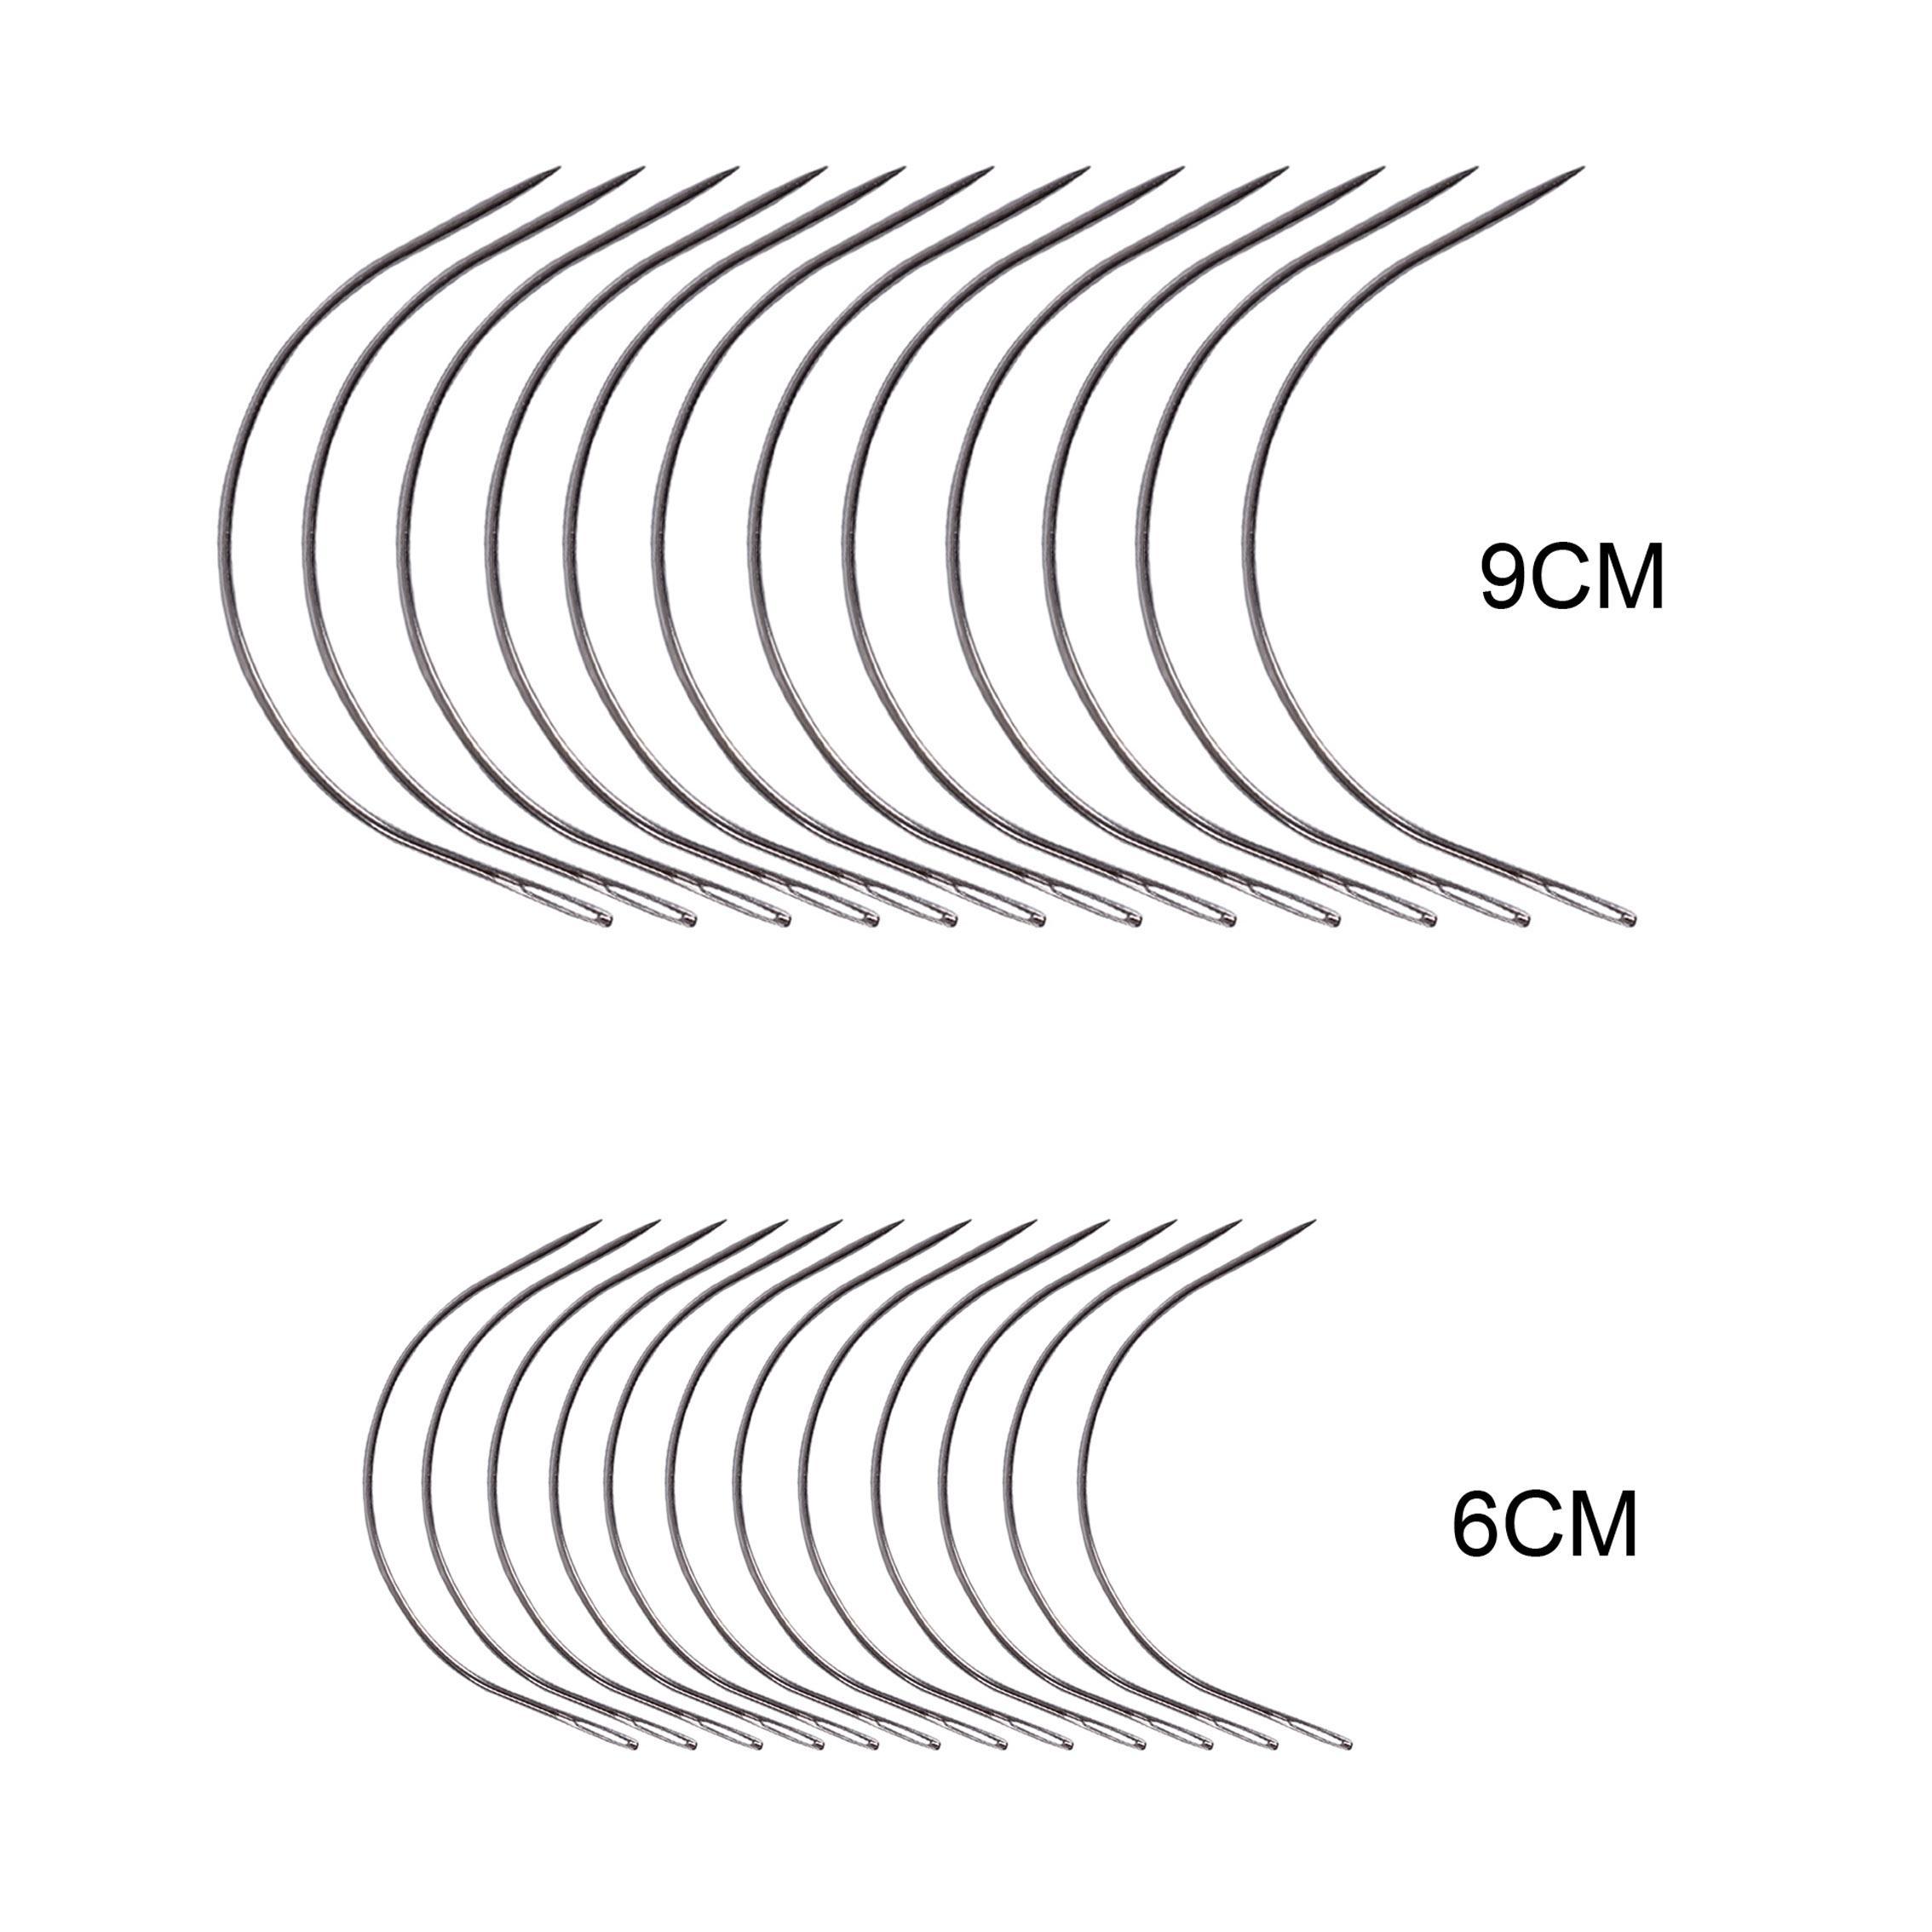 Saç dokuma iğne Havalandırma iğneleri 24 adet / torba Büyük 9cm 6cm C Şekli Kavisli İğneler Peruk yapma tığ örgüler Hook